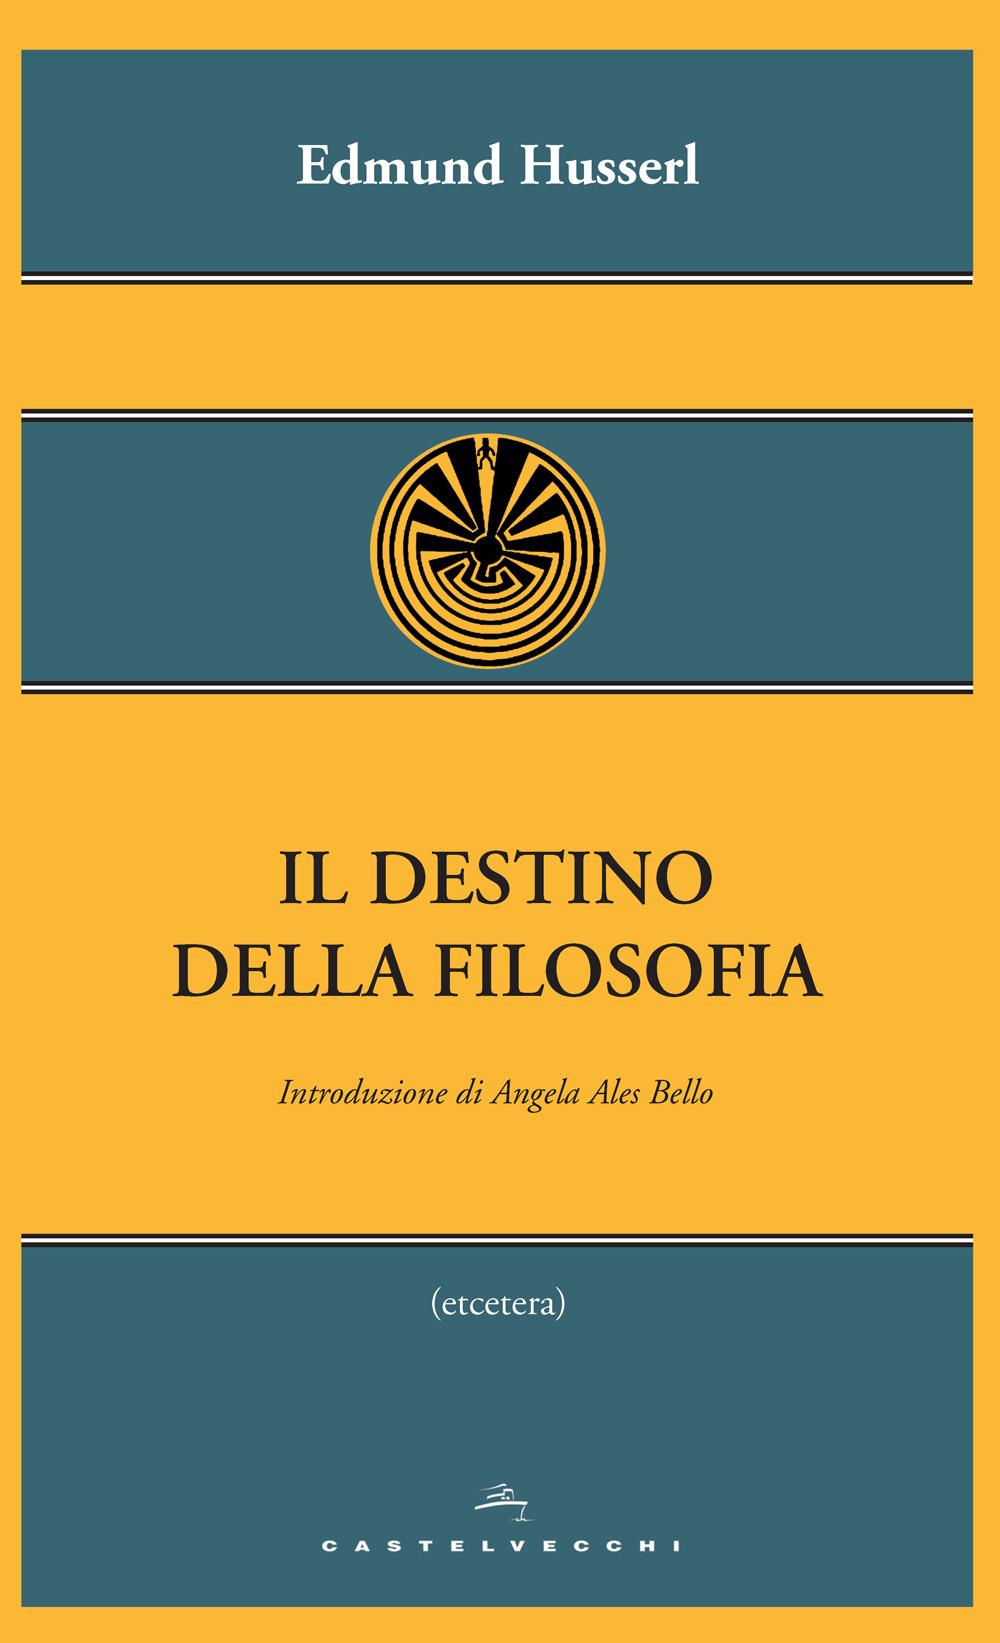 Il destino della filosofia